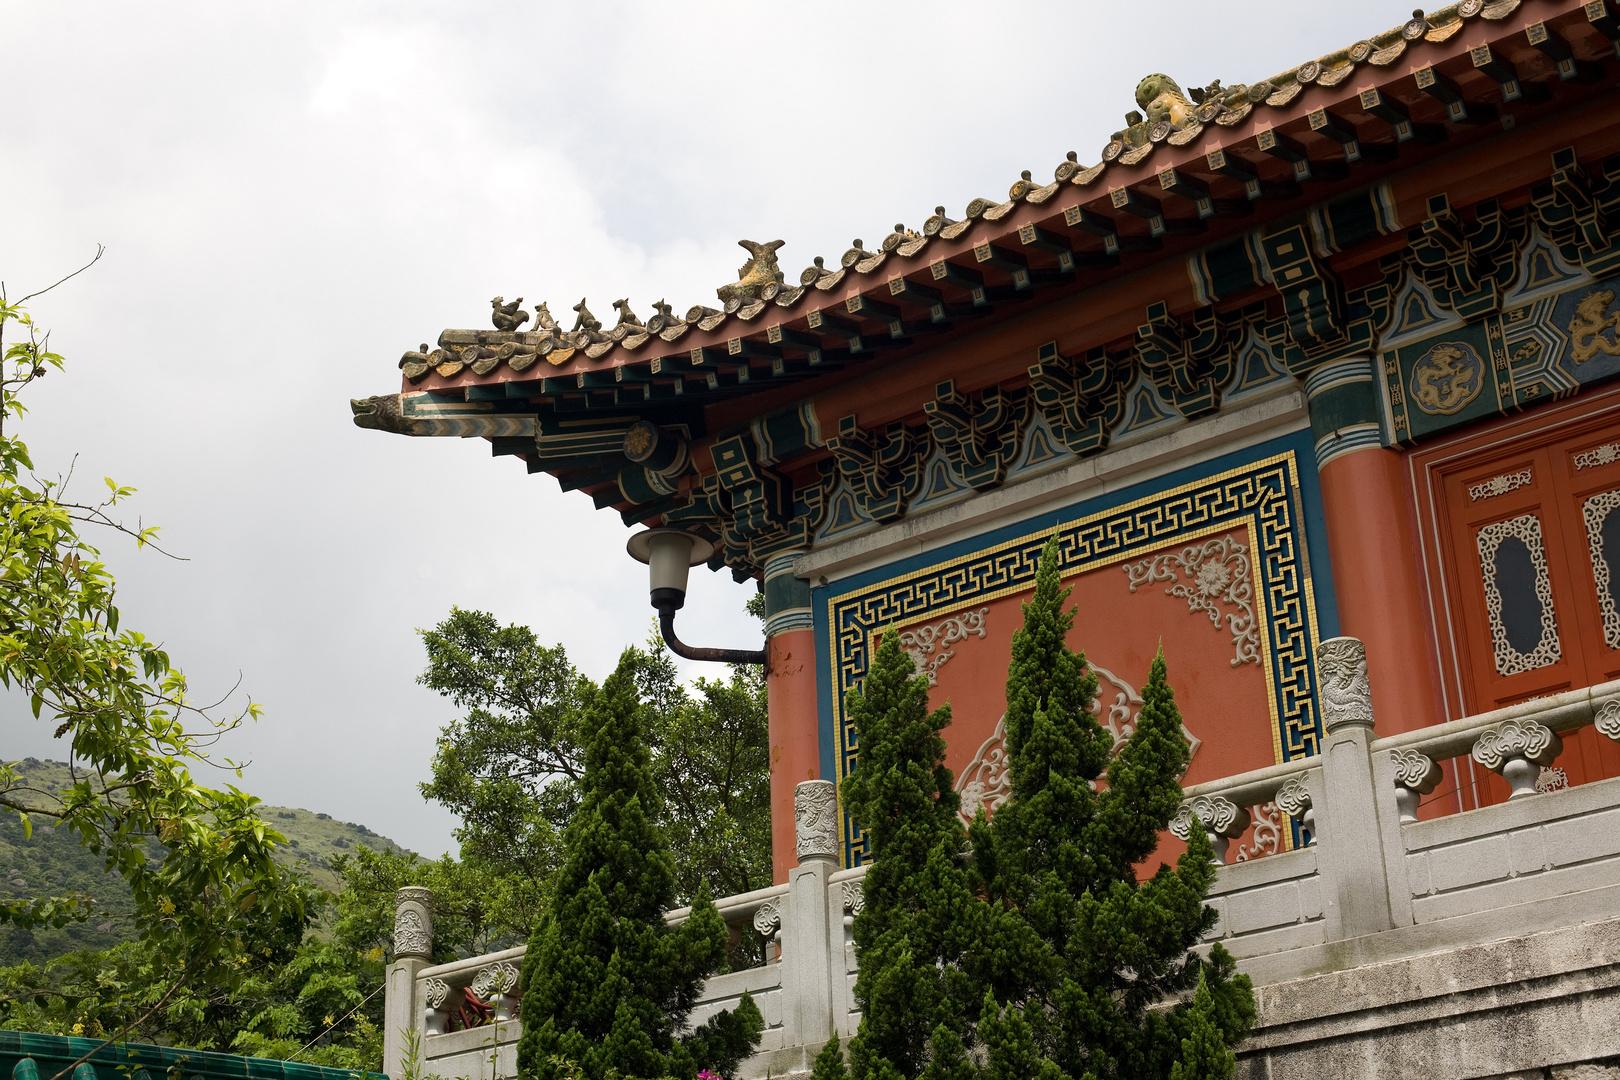 Part of Po Lin Monastery